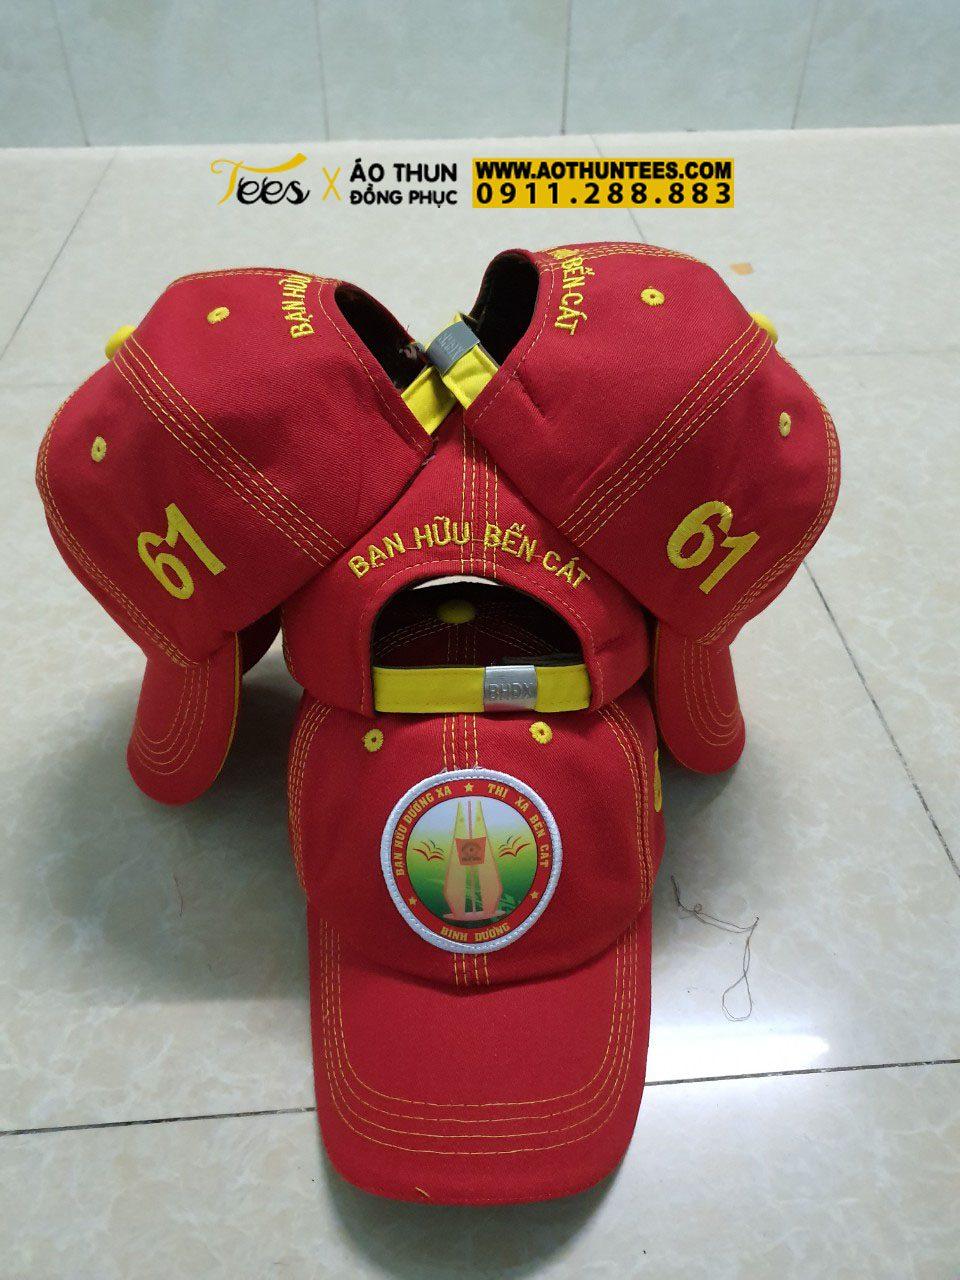 378ba7f8da2e3d70643f - Giới thiệu về đồng phục nón